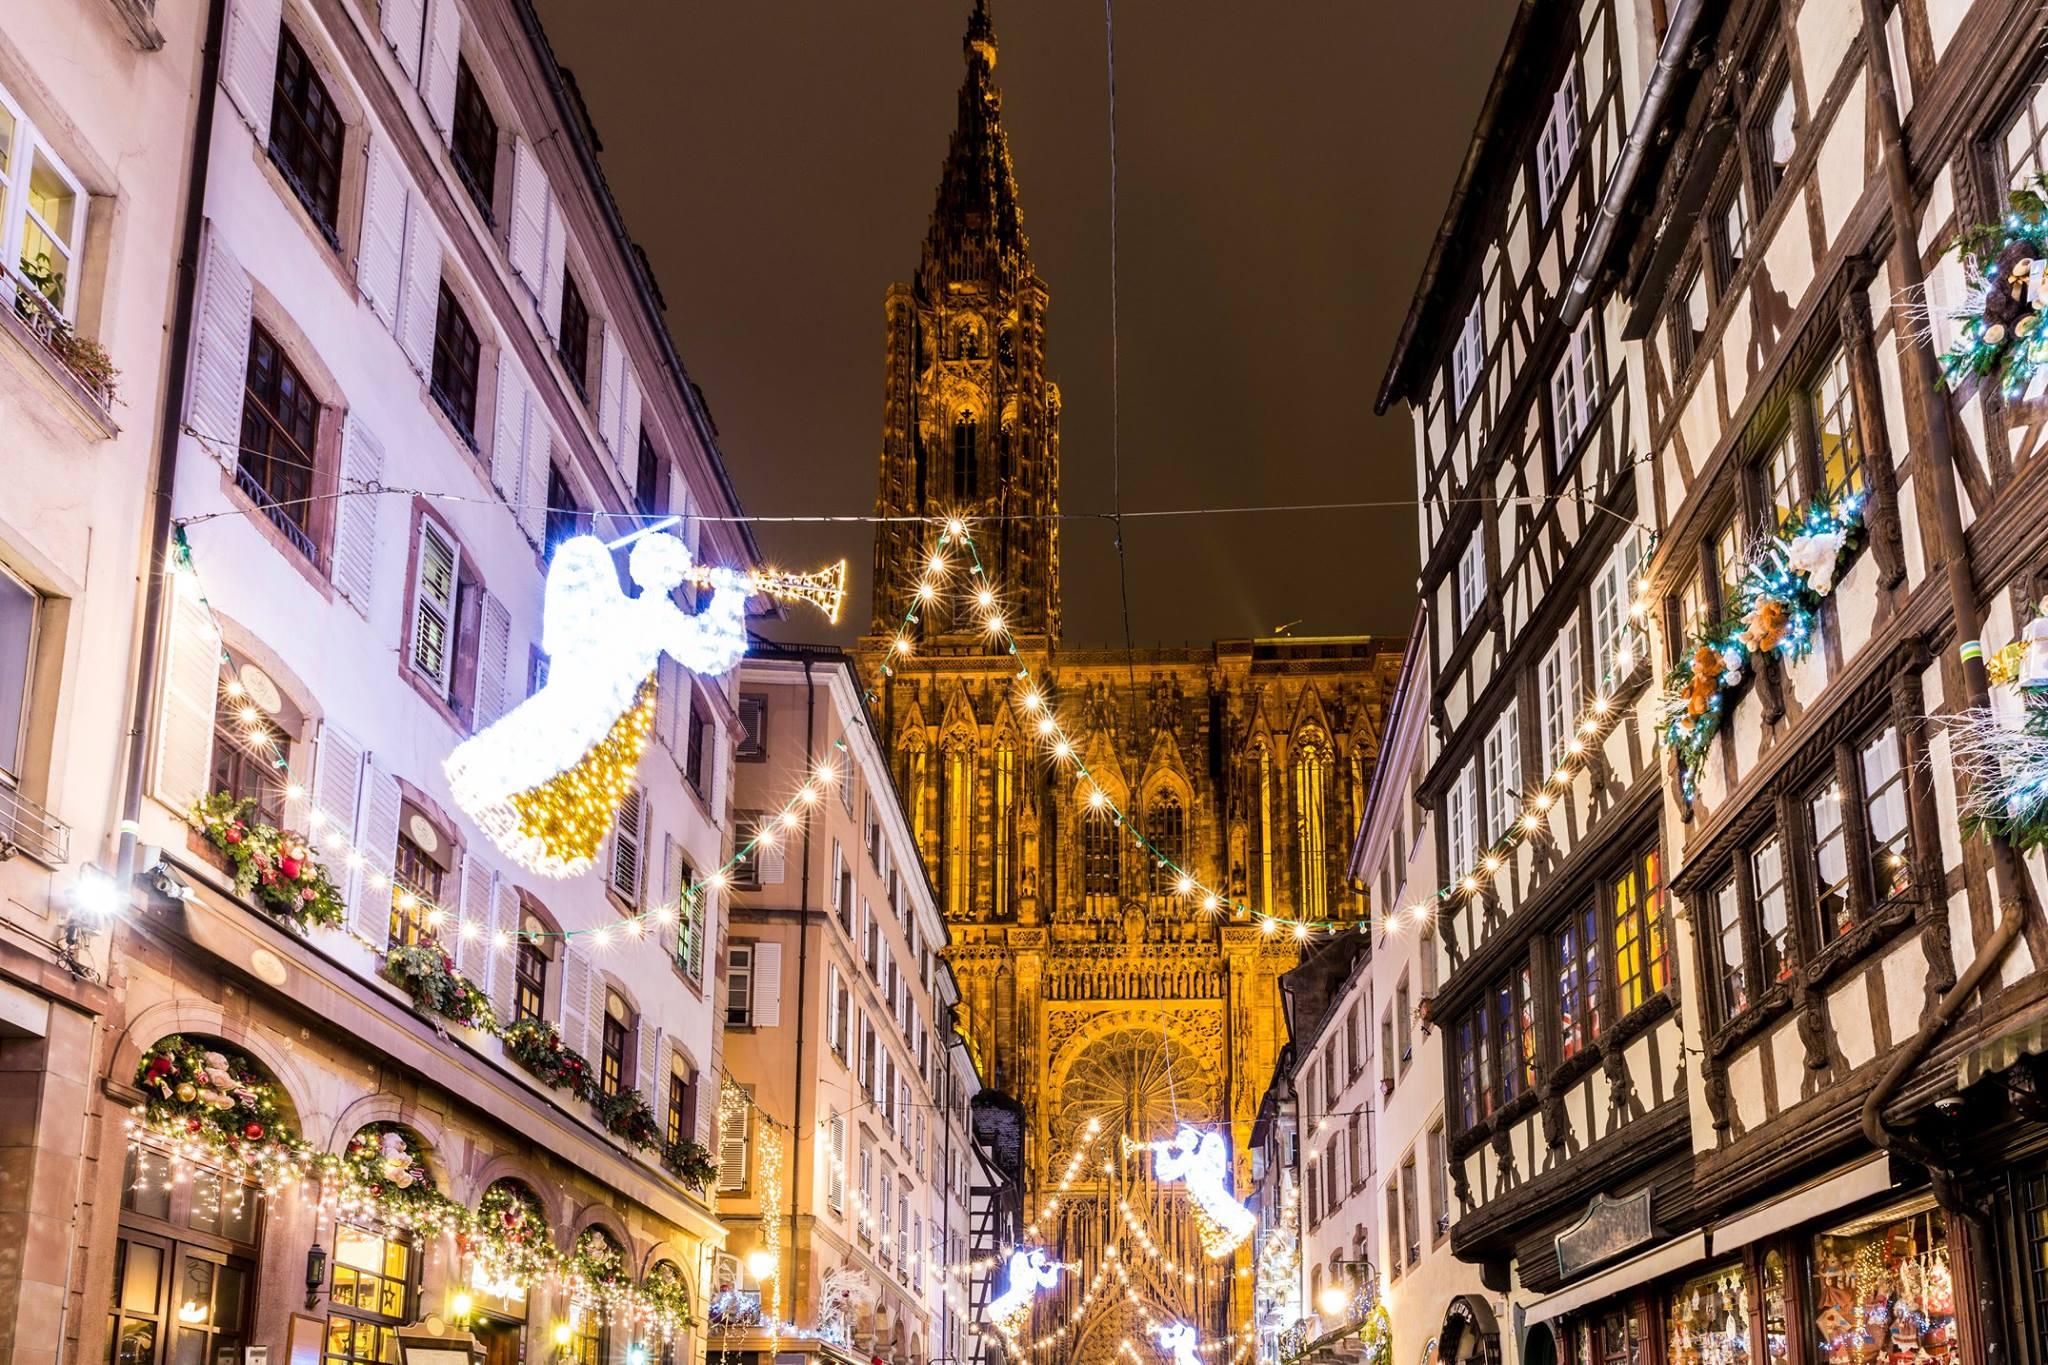 Hotel Strasbourg Marché De Noel Strasbourg : Marché de Noël du 22 novembre au 30 décembre 2019